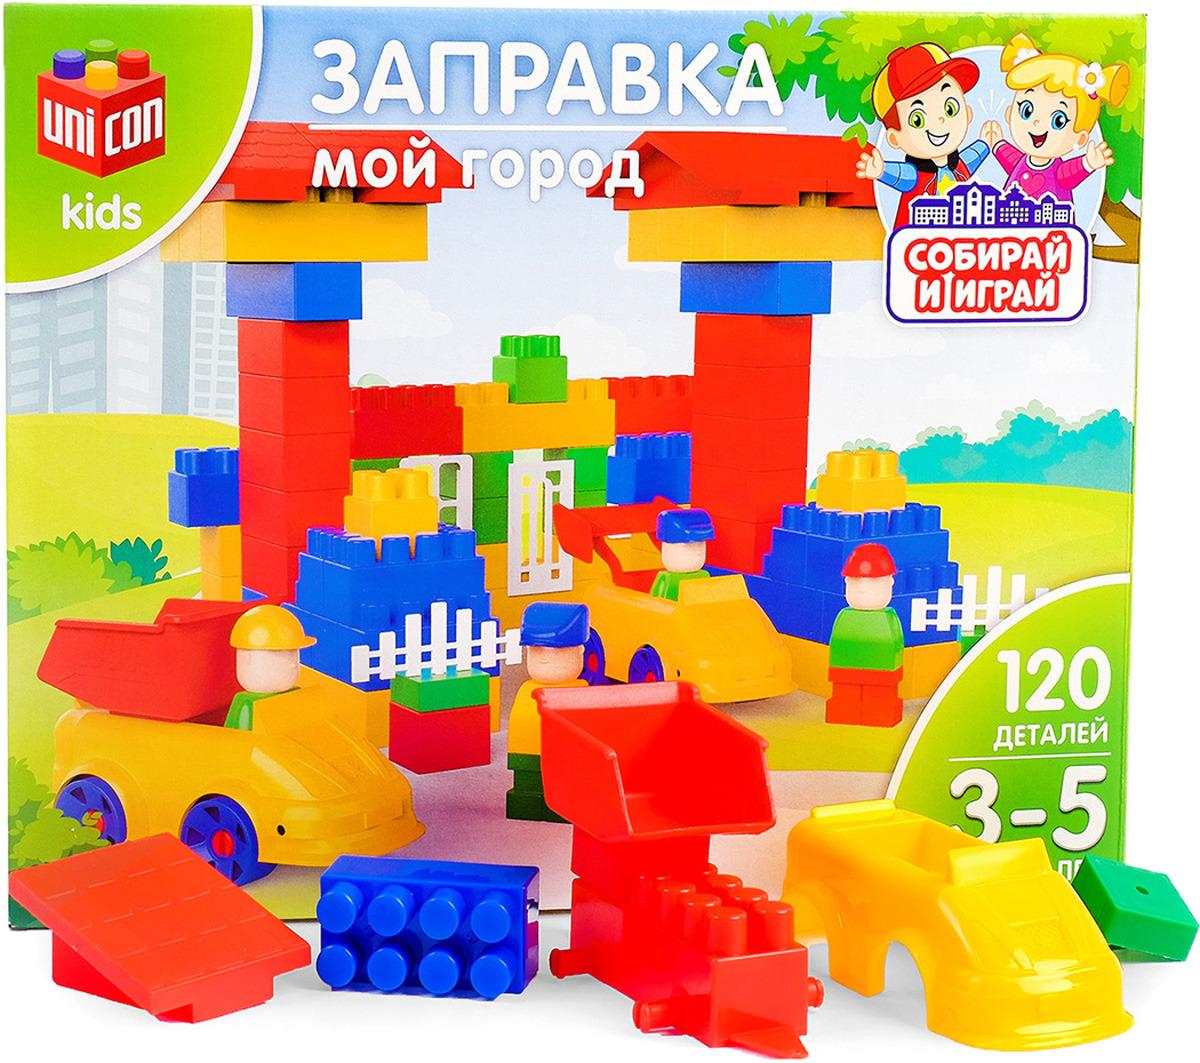 Конструктор Unicon Classic Мой город Заправка, 3142417, 120 элементов цена